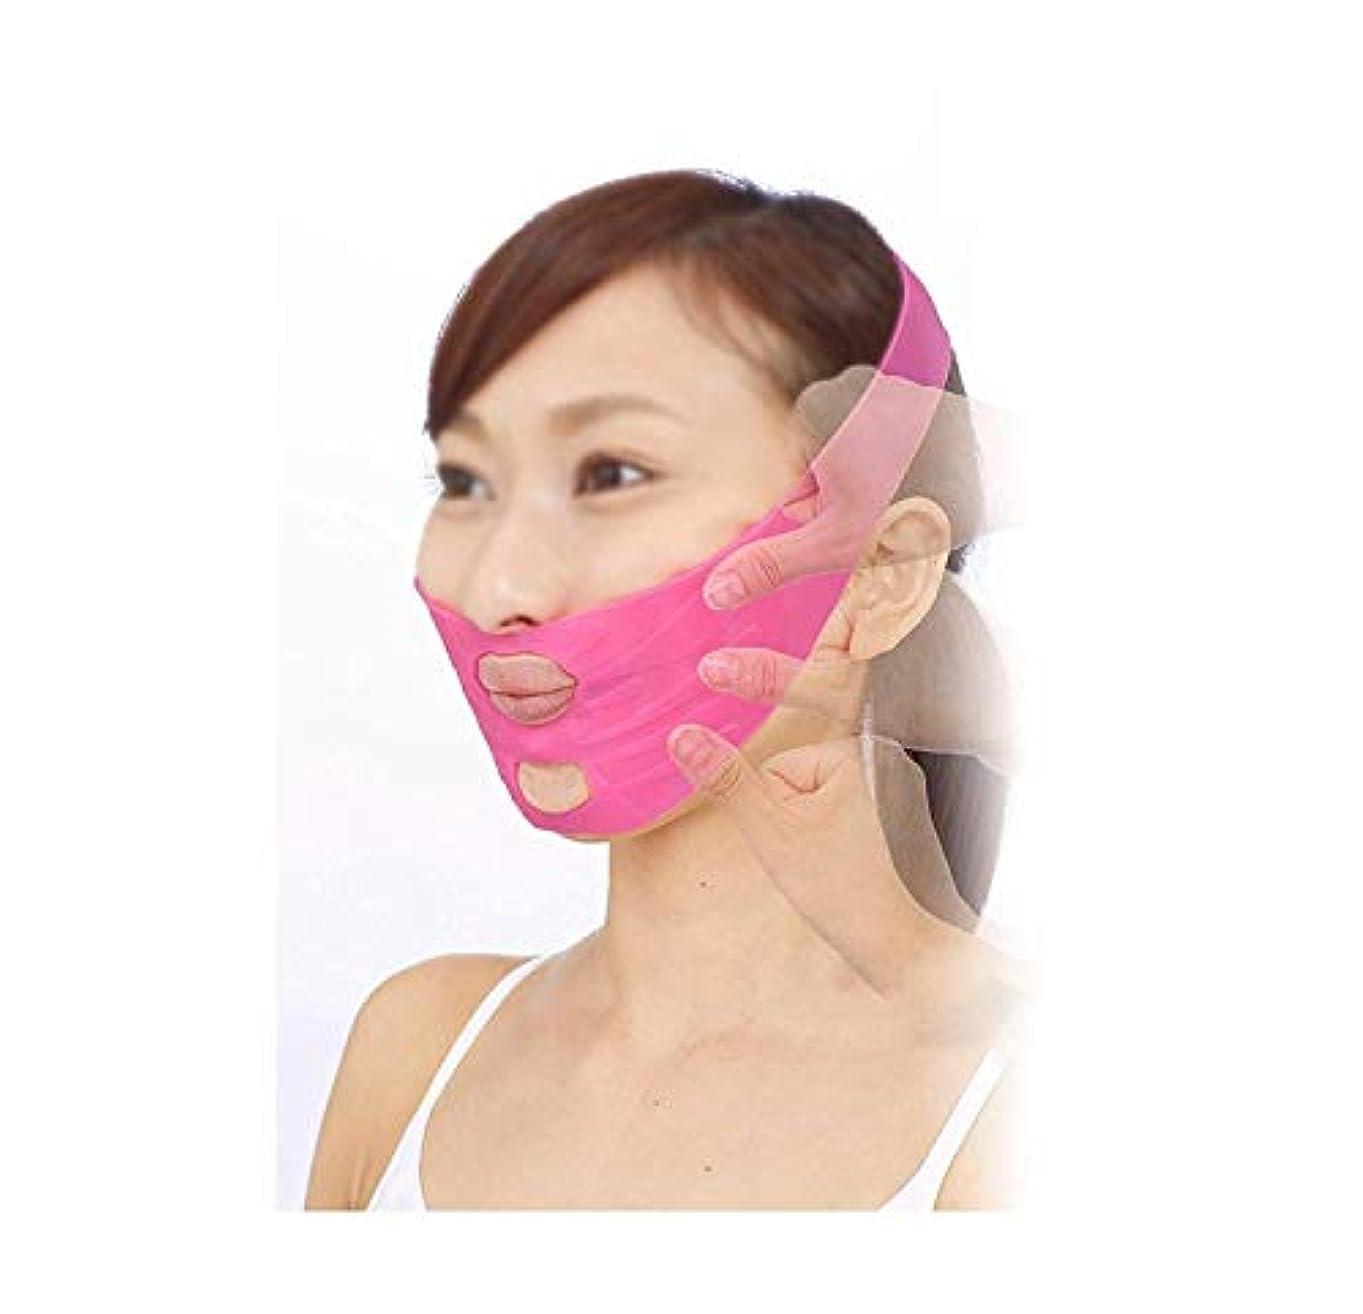 ボトルネック反射キャッシュフェイシャルマスク、リフティングアーティファクトフェイスマスク垂れ下がった小さなVフェイスバンデージ付きの顔